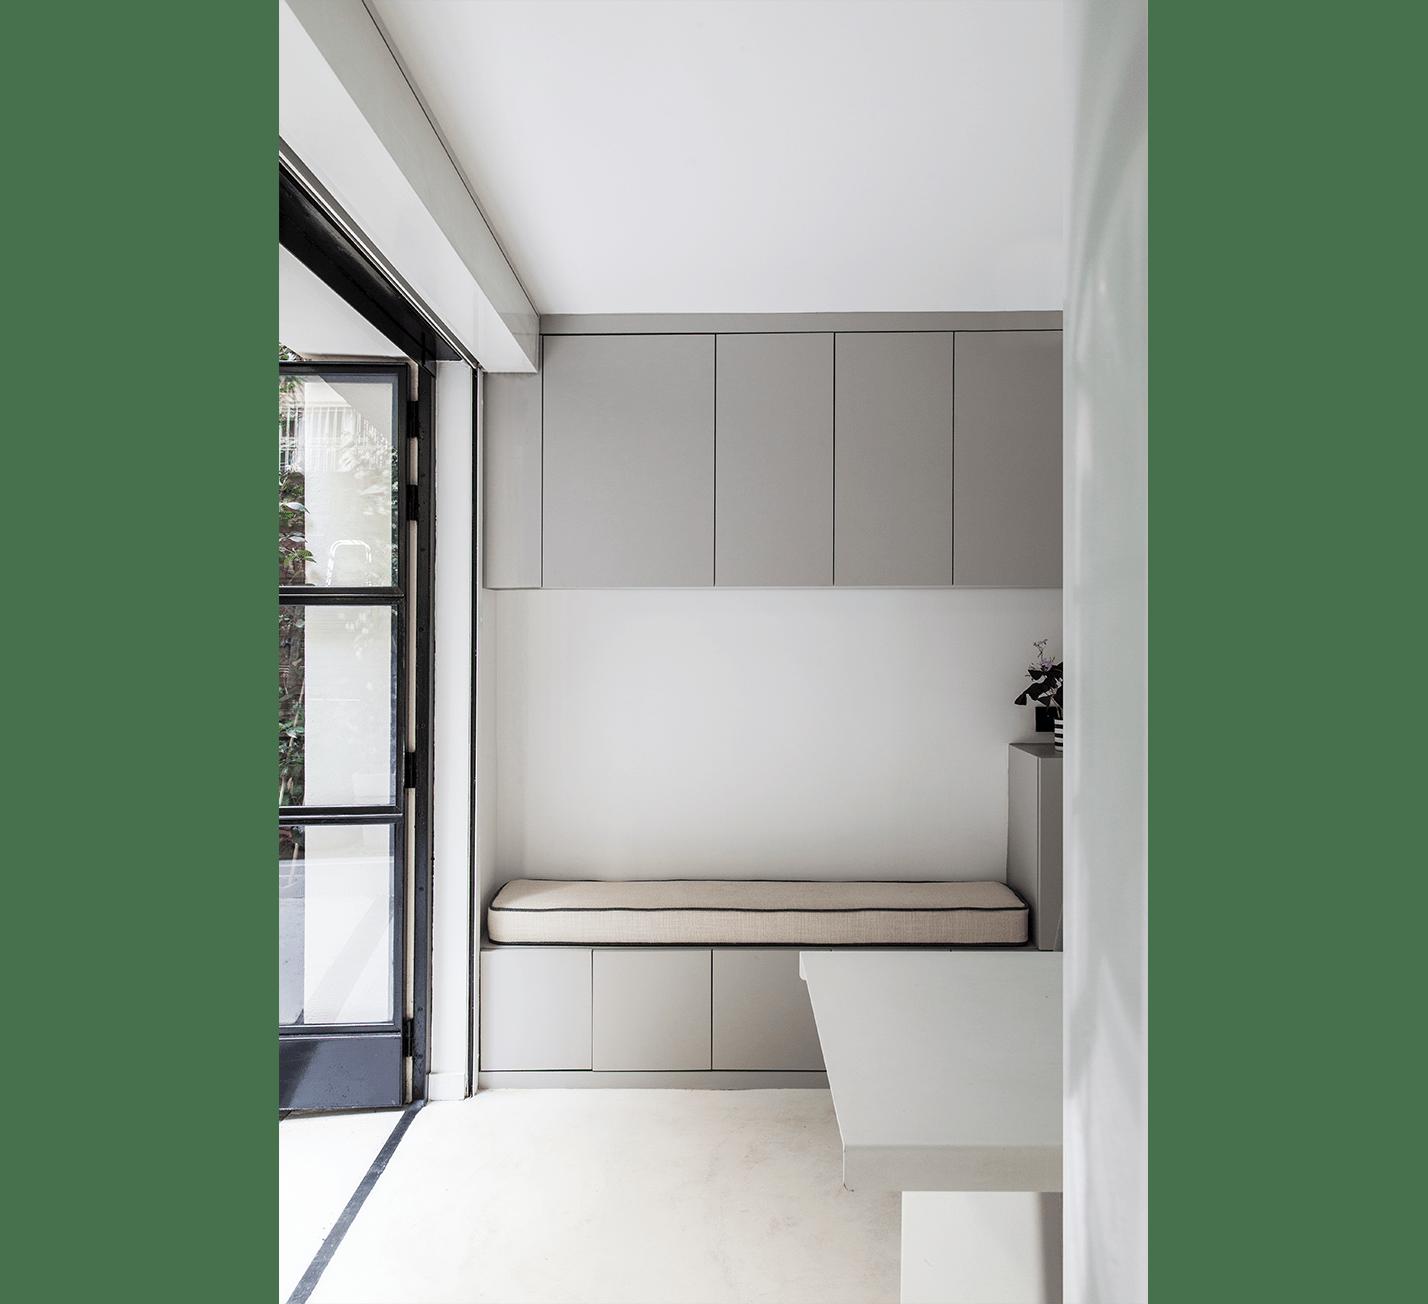 Projet-Square-Chaure-Atelier-Steve-Pauline-Borgia-Architecture-interieur-08-min